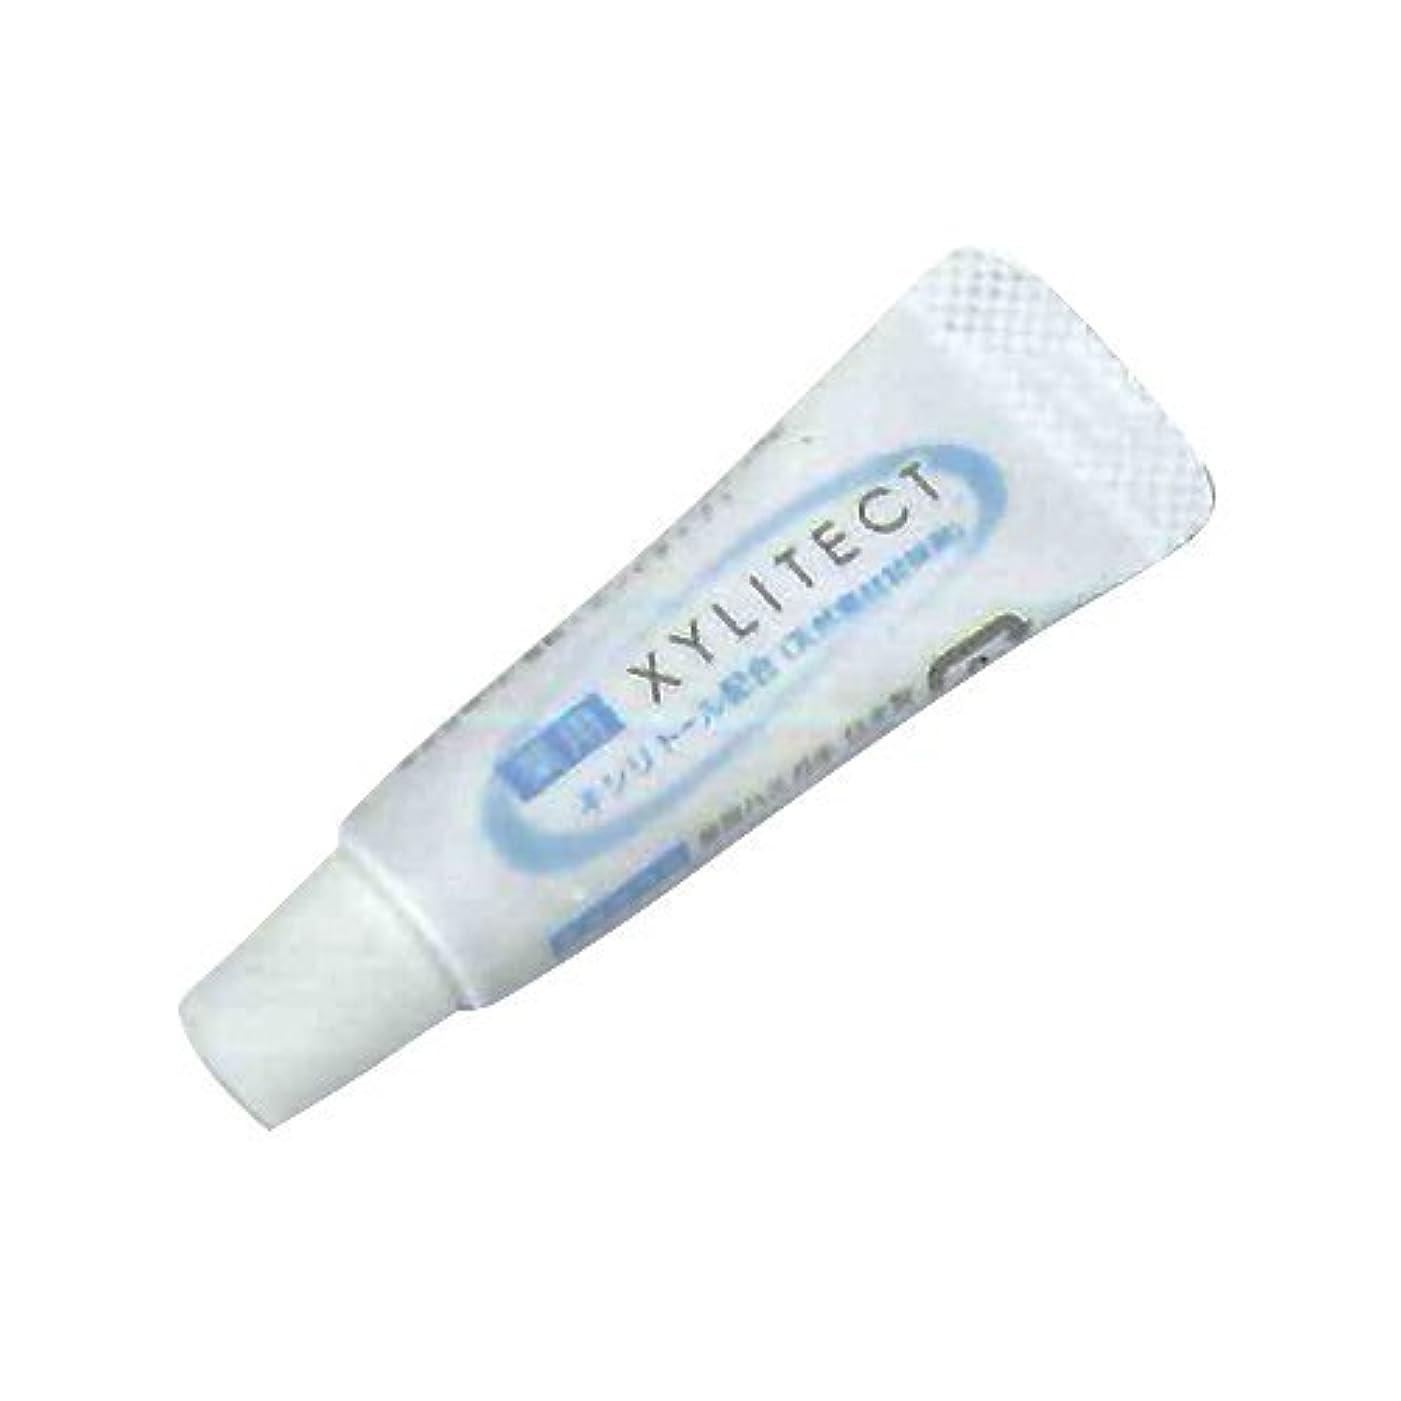 合併症同性愛者ワークショップ業務用歯磨き粉 薬用キシリテクト (XYLITECT) 4.5g ×30個セット (個包装タイプ)   ホテルアメニティ ハミガキ toothpaste